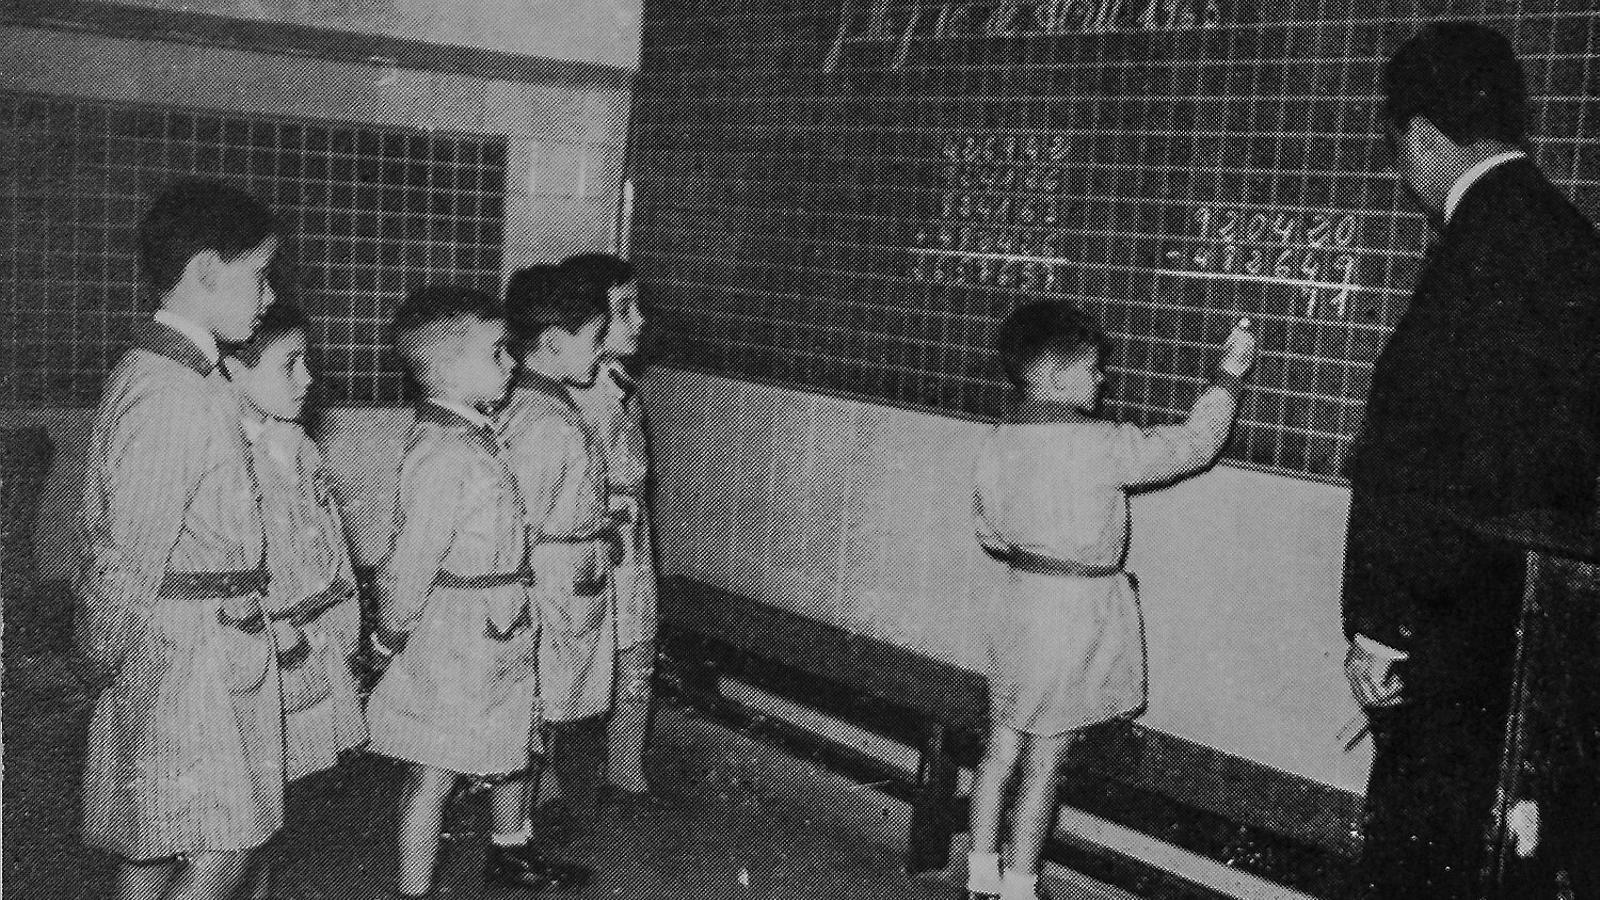 1. Alumnes del col·legi La Immaculada fent matemàtiques. 2. Ángel Castrillo, el tercer per l'esquerra.